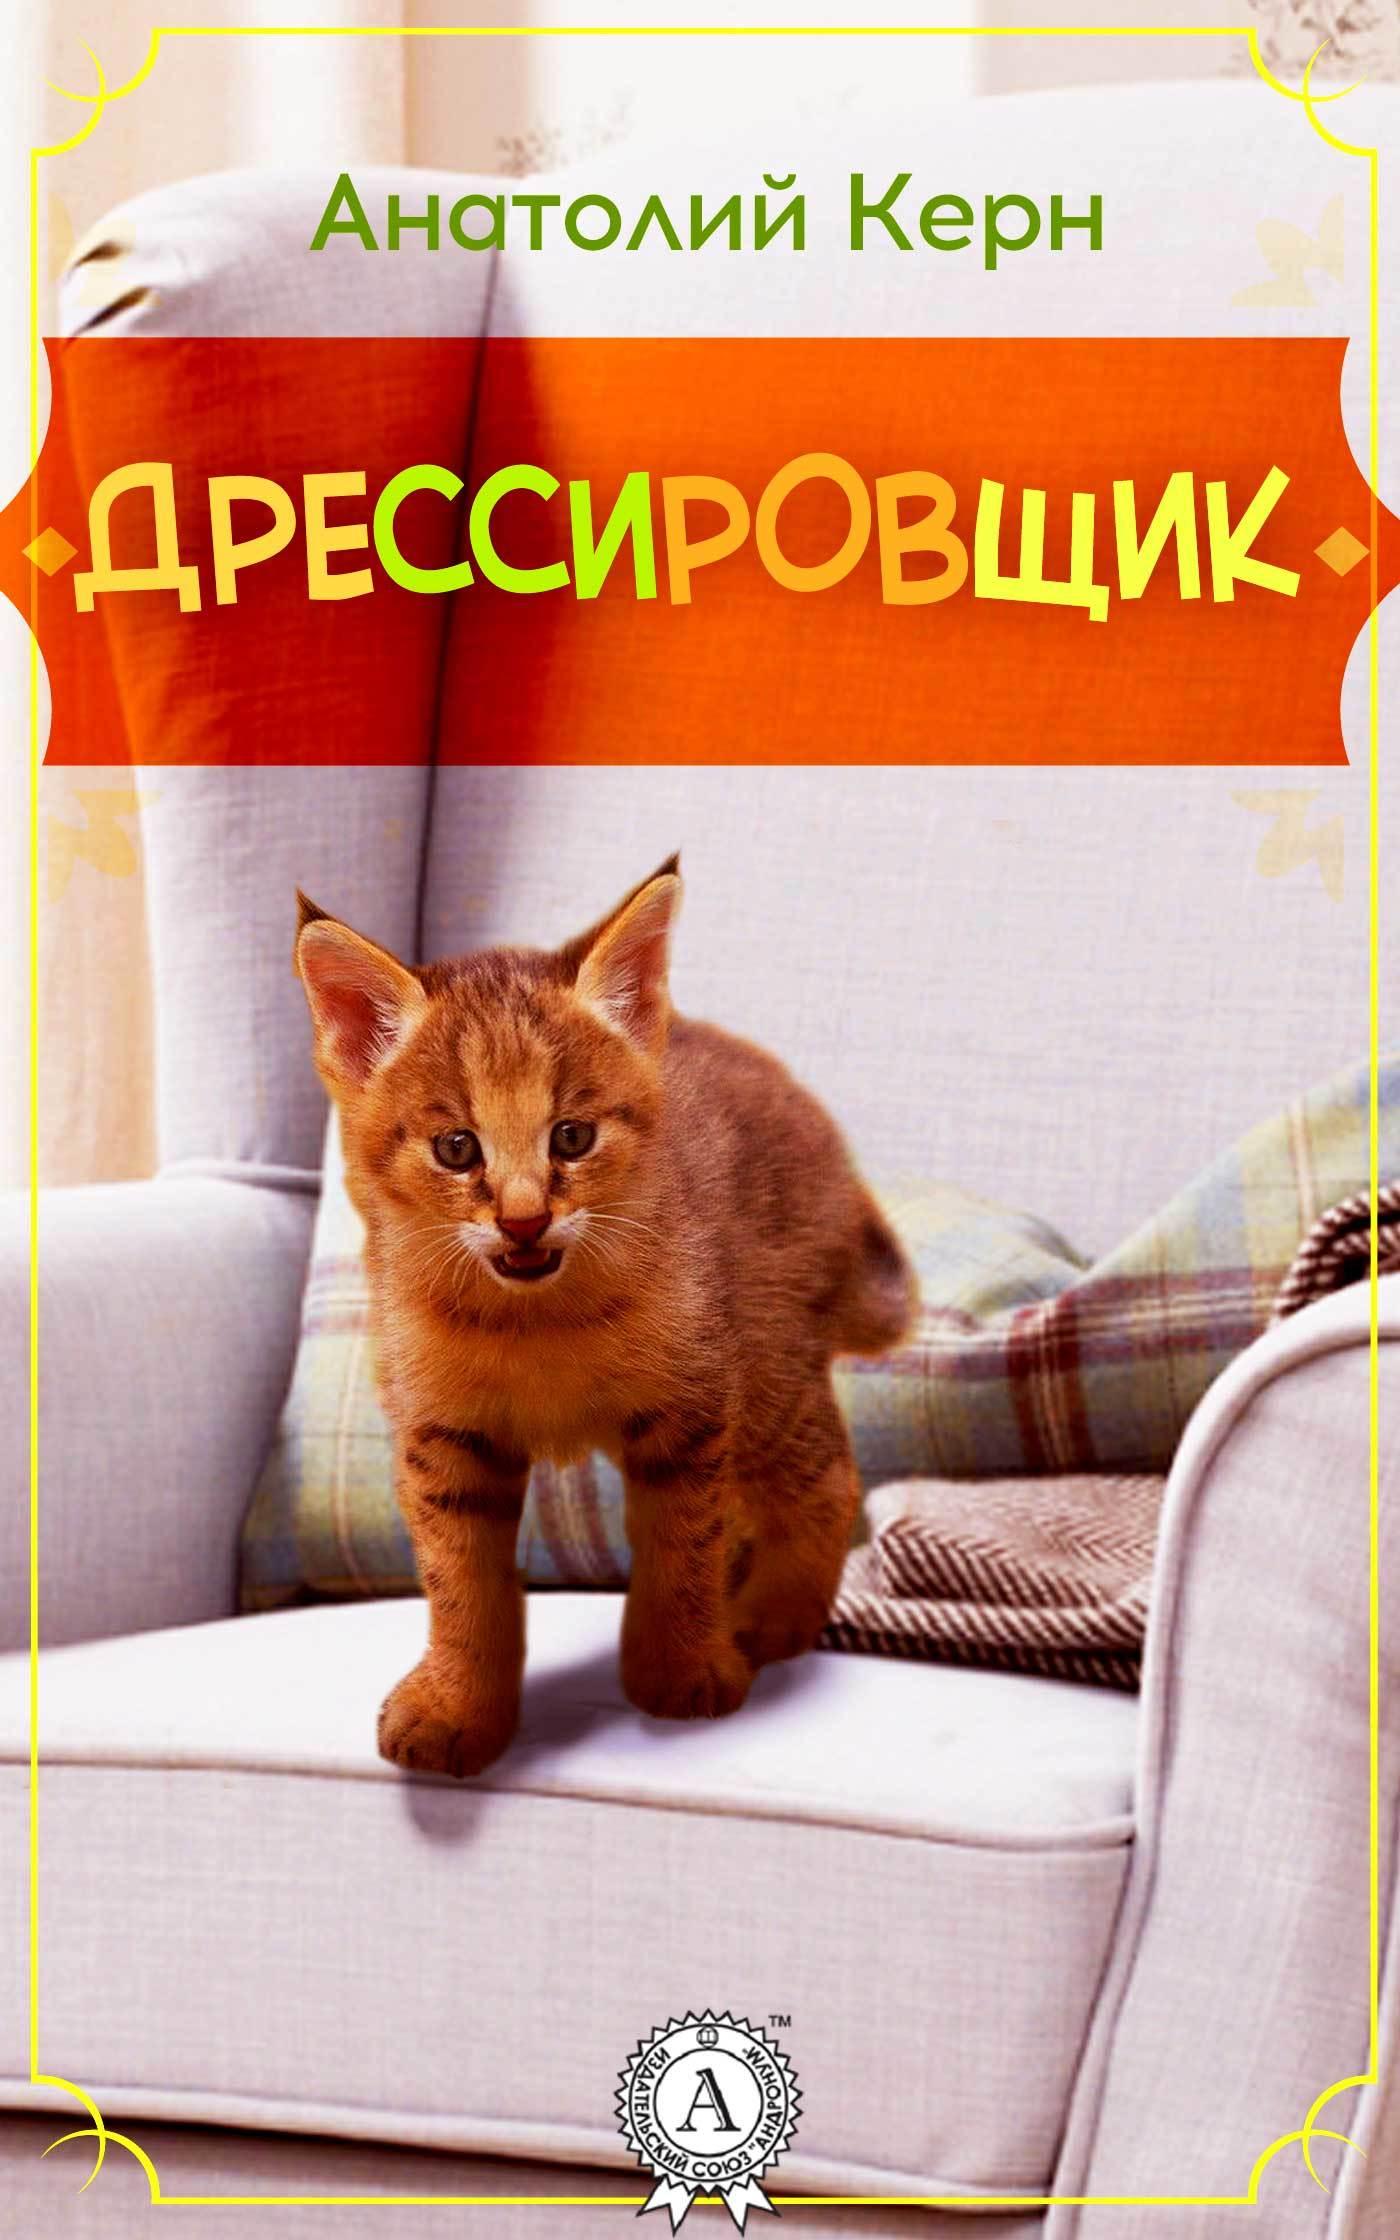 Александр Керн - ДРЕССИРОВЩИК